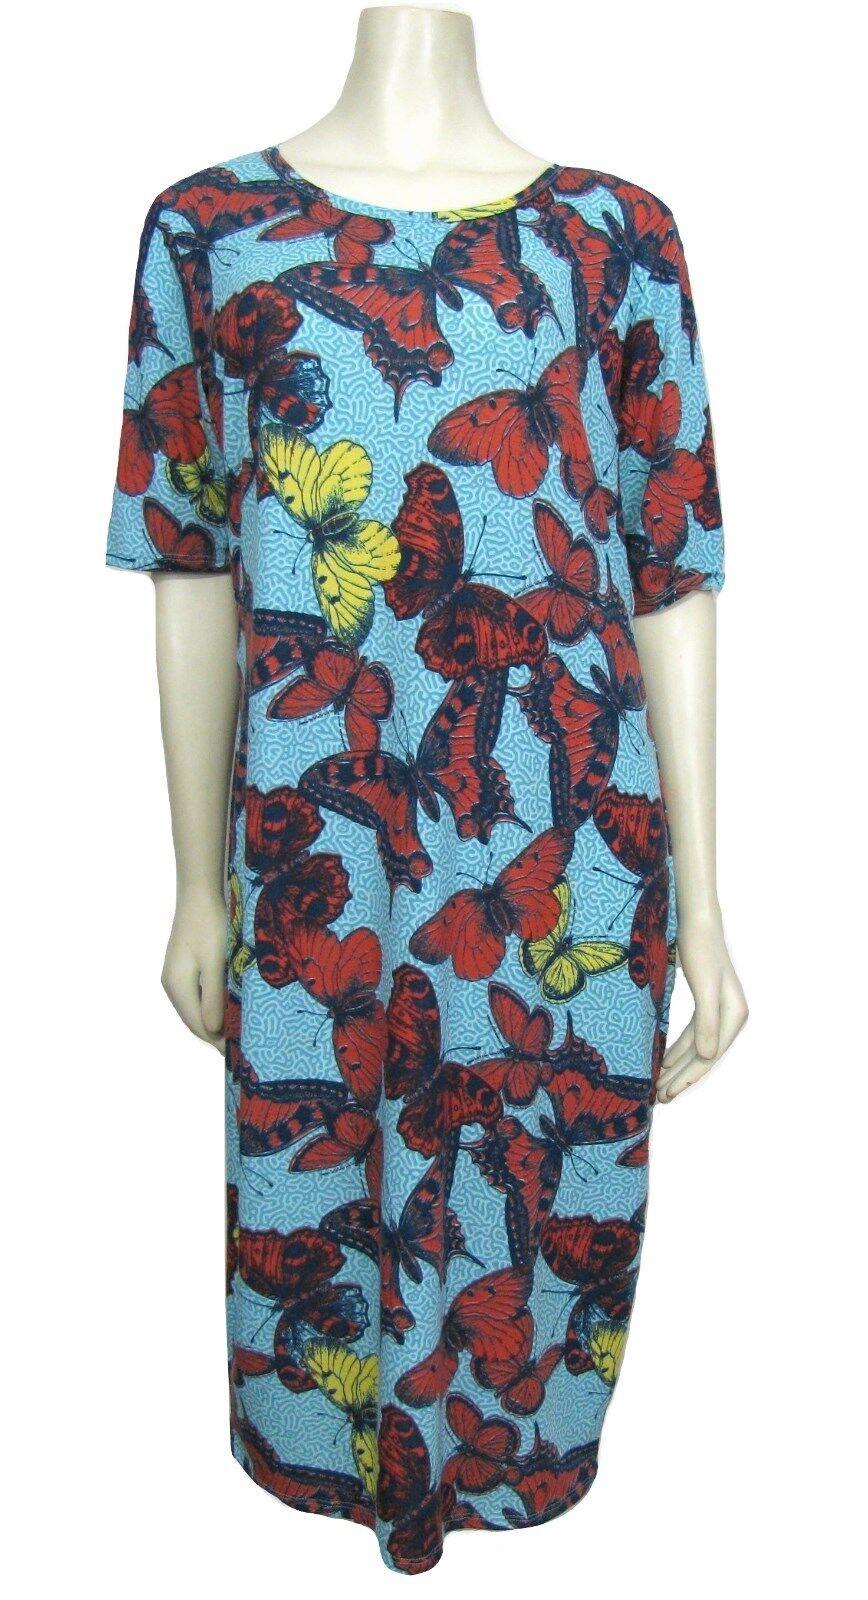 NWT LuLaRoe Julia 2XL Butterfly Dress bluee & Red Butterflies Unicorn 18 - 20